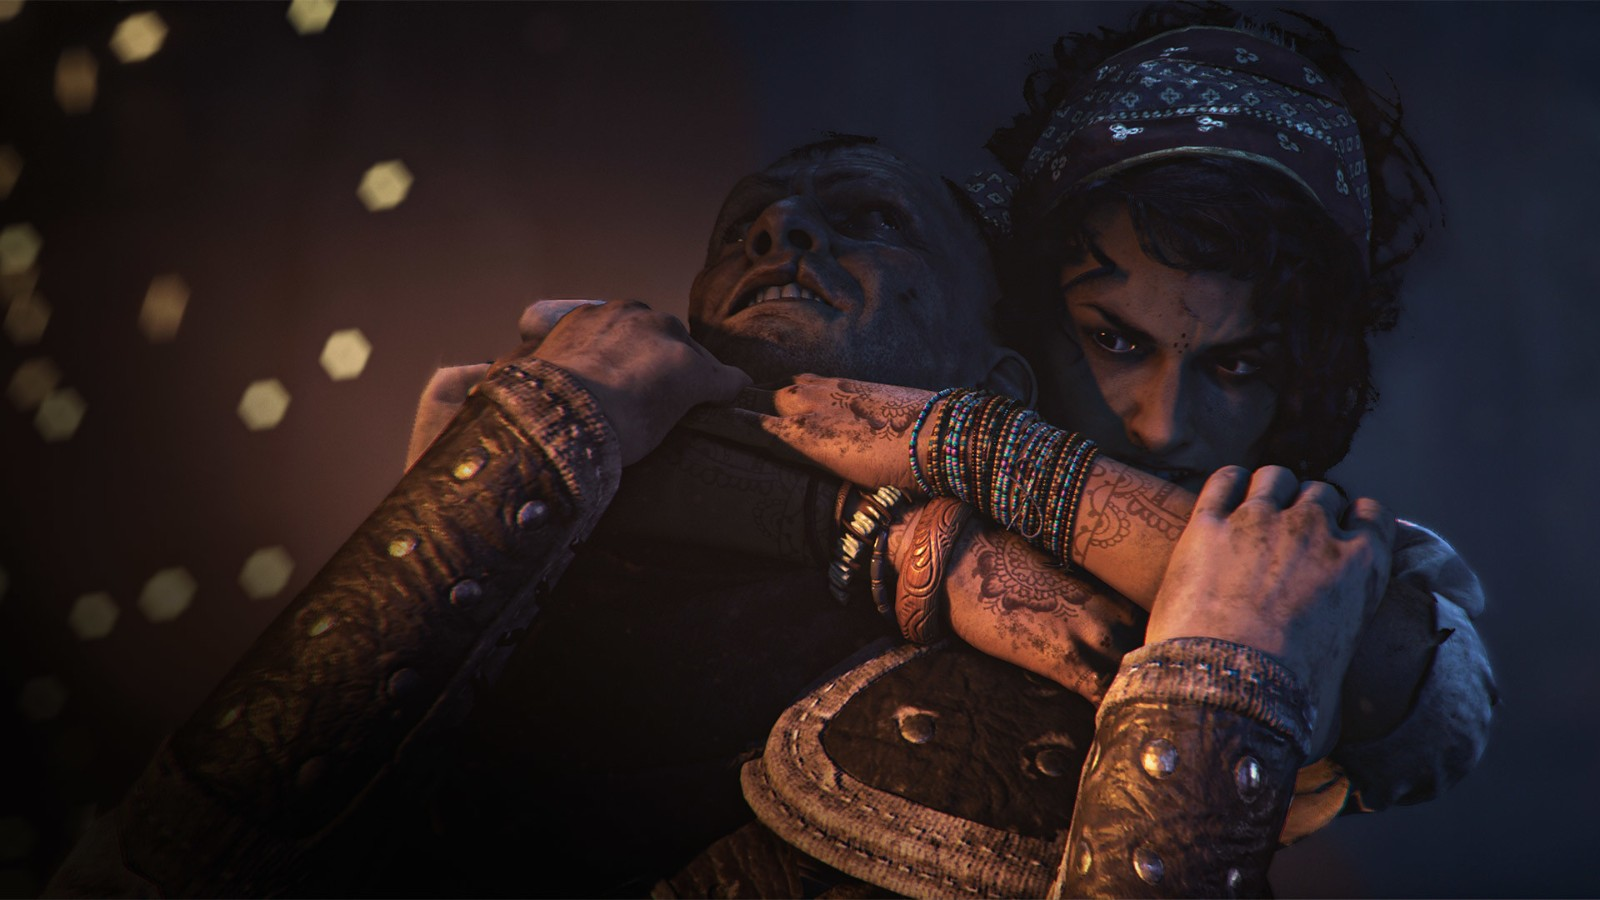 《瘟疫传说:安魂曲》上架Steam商店 公布了首批截图 游戏资讯 第2张